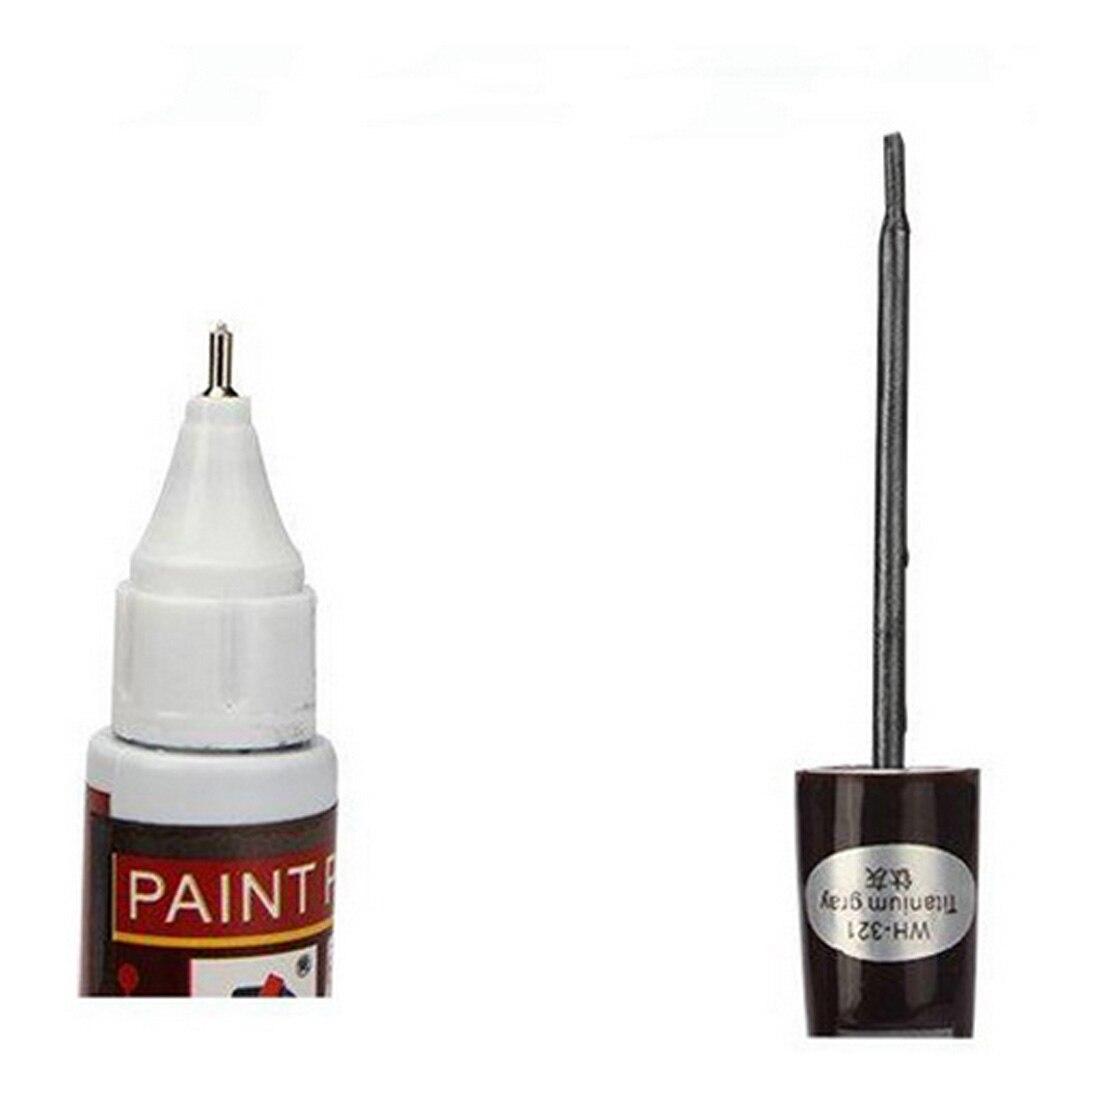 Новая Автомобильная сенсорная ручка, водостойкая удаляющая аппликатор, утилита, профессиональная автомобильная куртка, очищающая от царапин, для ремонта, окрашивающая ручка, сенсорная